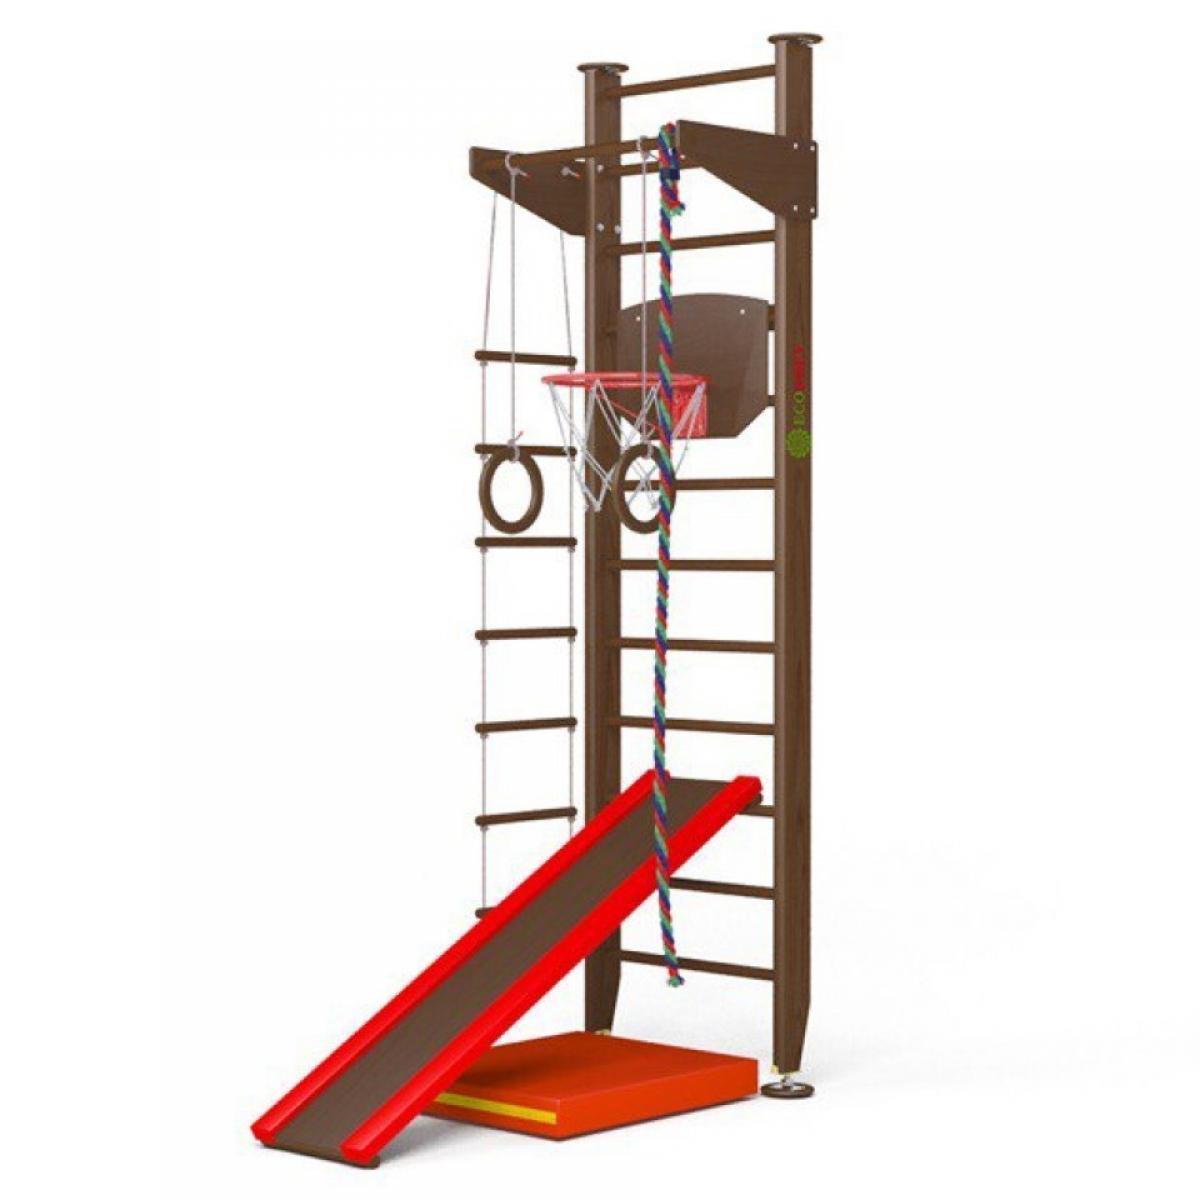 Детский спортивный комплекс Крепыш 01 враспор (лак)